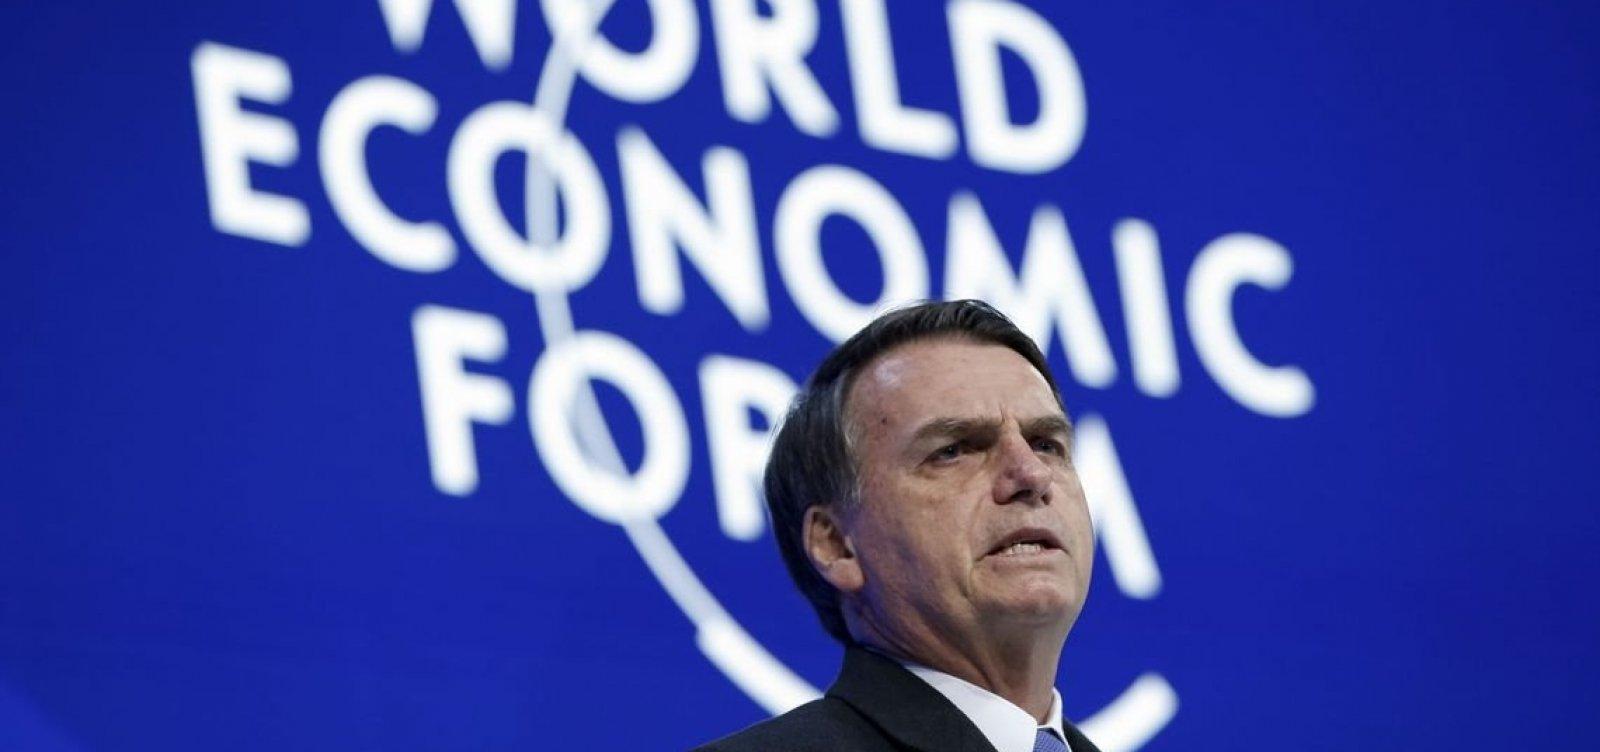 [Após Bolsonaro assumir presidência, otimismo com economia cai]